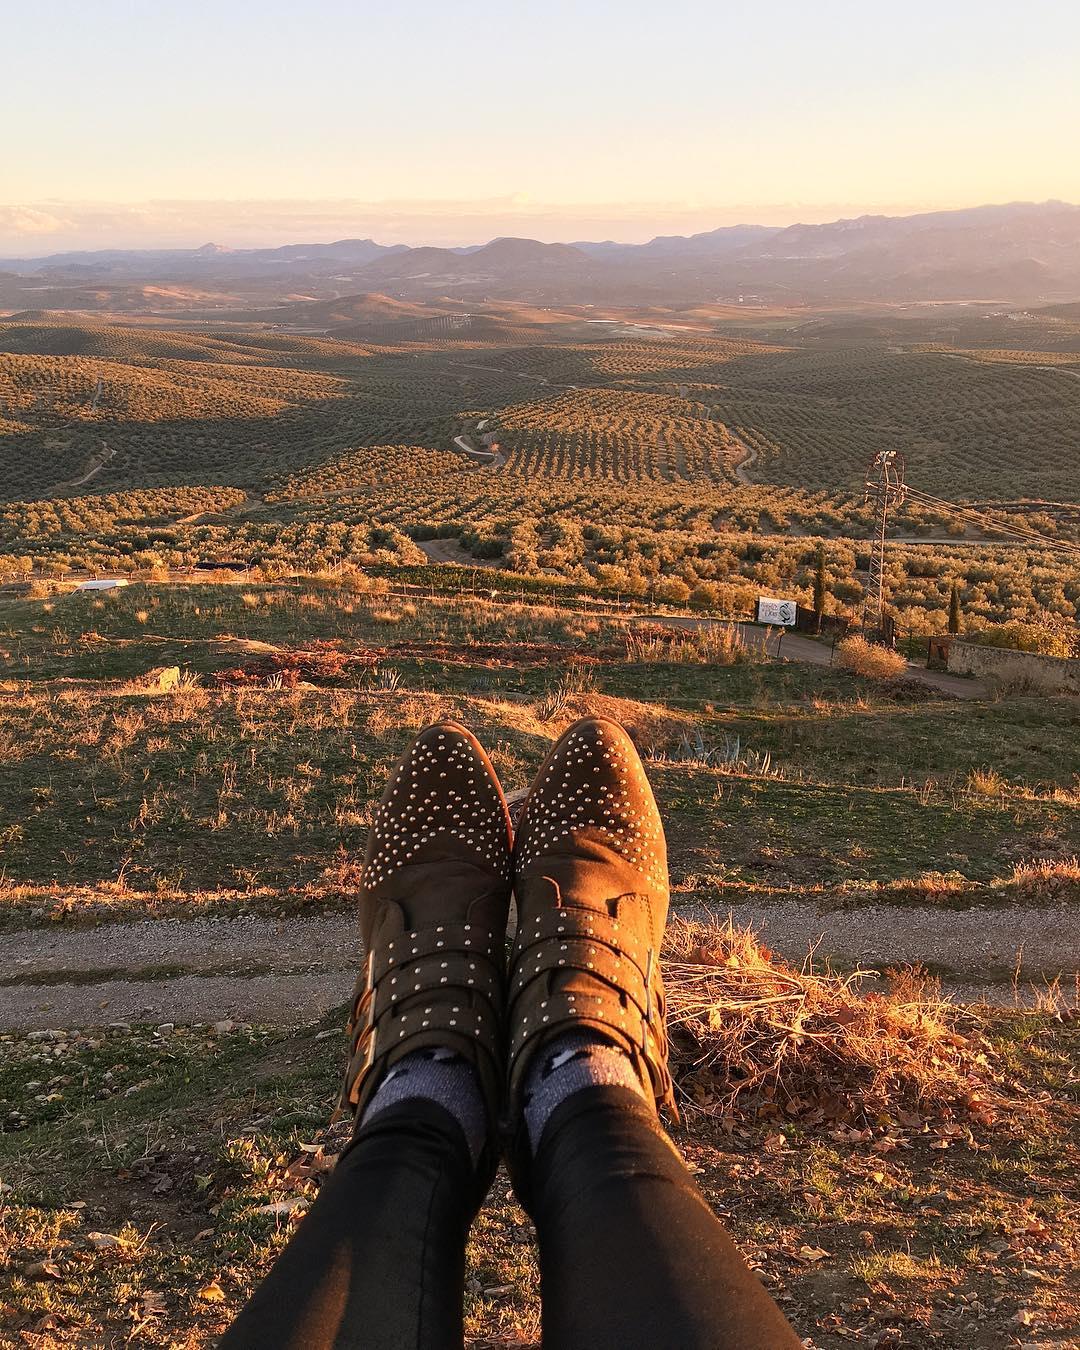 Je veux vivre en OLIVIE ! . . . . ➕ Castillo de Canena • Producteur d'huiles d'olive ? Ubeda • Spain ?? . ? 6 jours en ANDALOUSIE . ?? tout suivre sur #PintadeEspagne .  ________________  #andaluciatasteslike #andalousie #spain #espagne #andalucia #tourismo #gastronomie #food #blogfood #foodblogger #tourisme #travel #travelblog #blogtravel #trip #citytrip #pintademontpellier #blogvoyage #travelgram #travellover #cityguide #visitspain #almeria #jaen #granada #malaga #castillodecanena